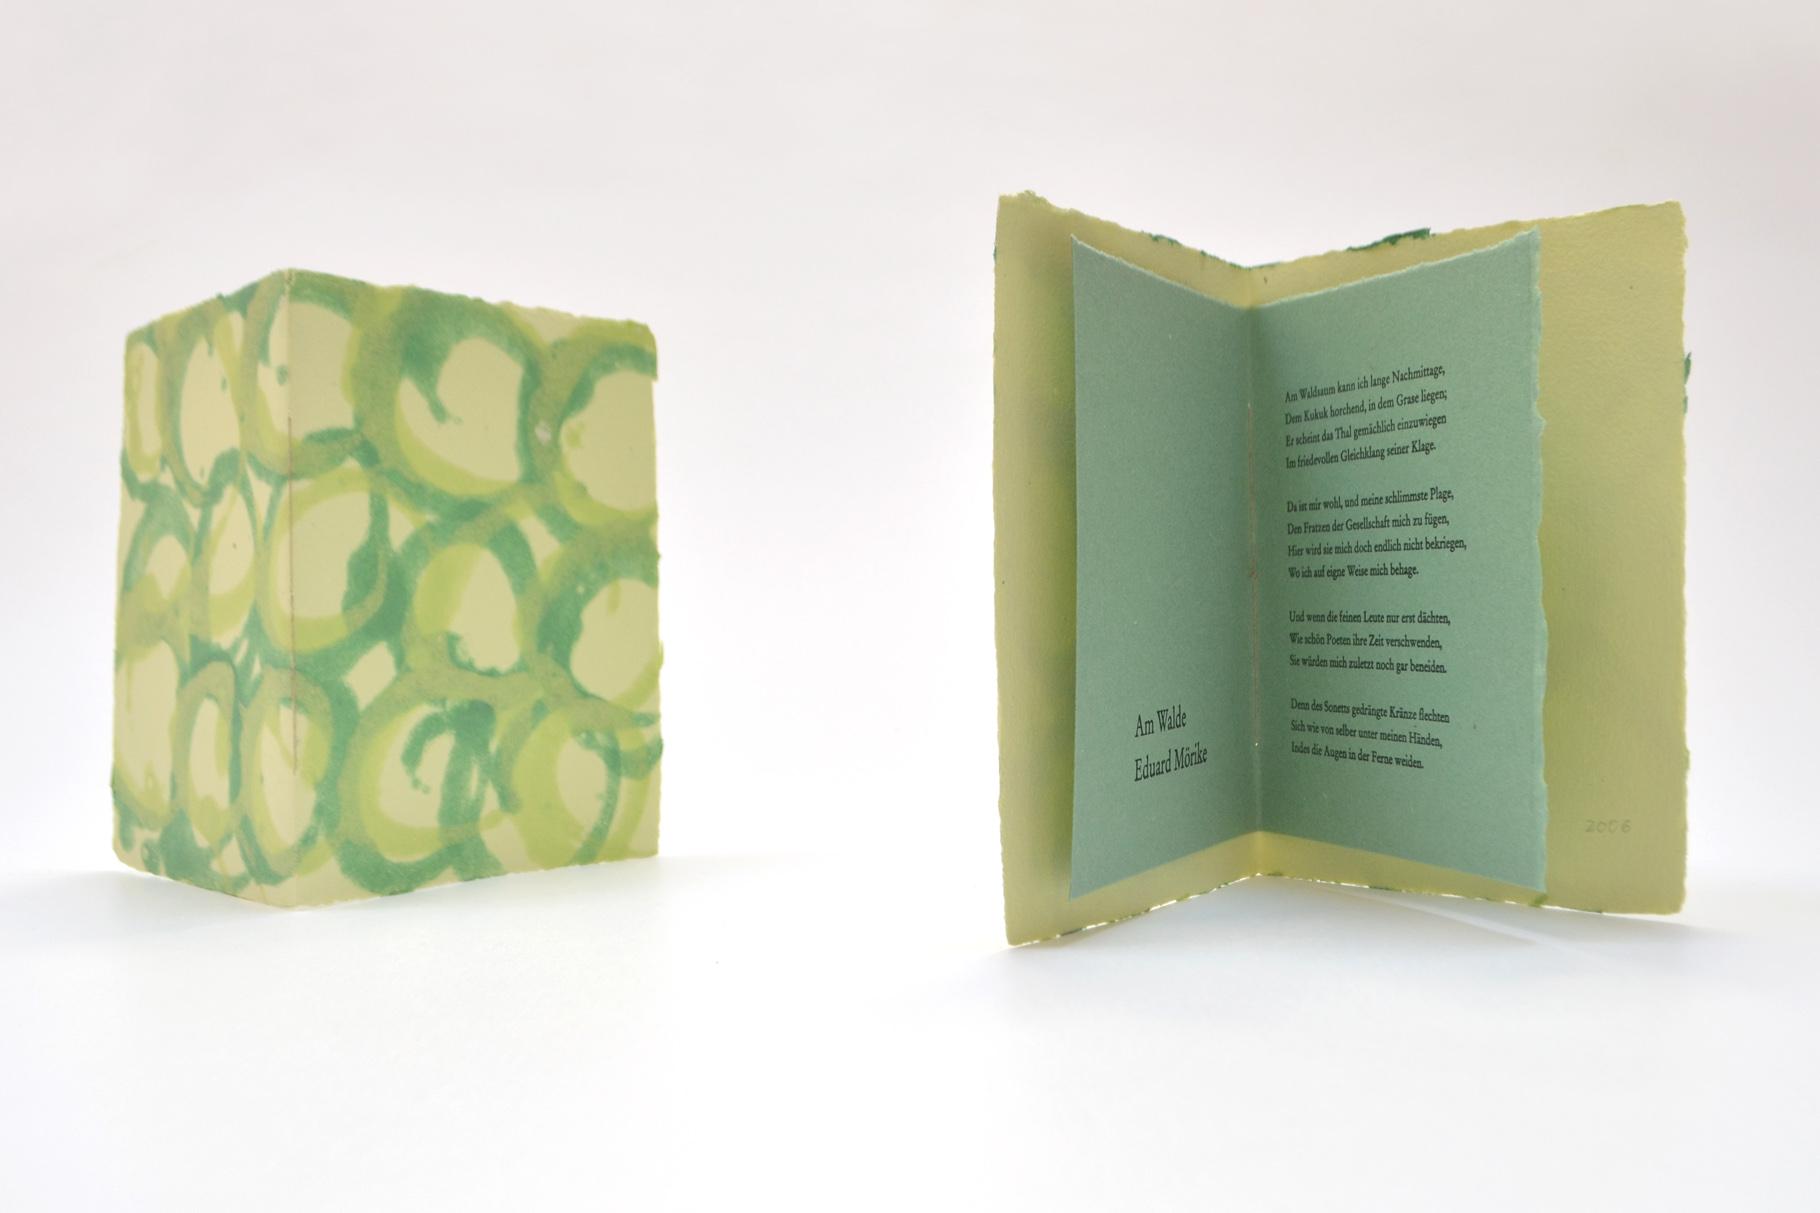 """""""Am Walde"""" (2006) - Ein Heft, gestaltet von John Gerard mit einem Gedicht von Eduard Mörike"""